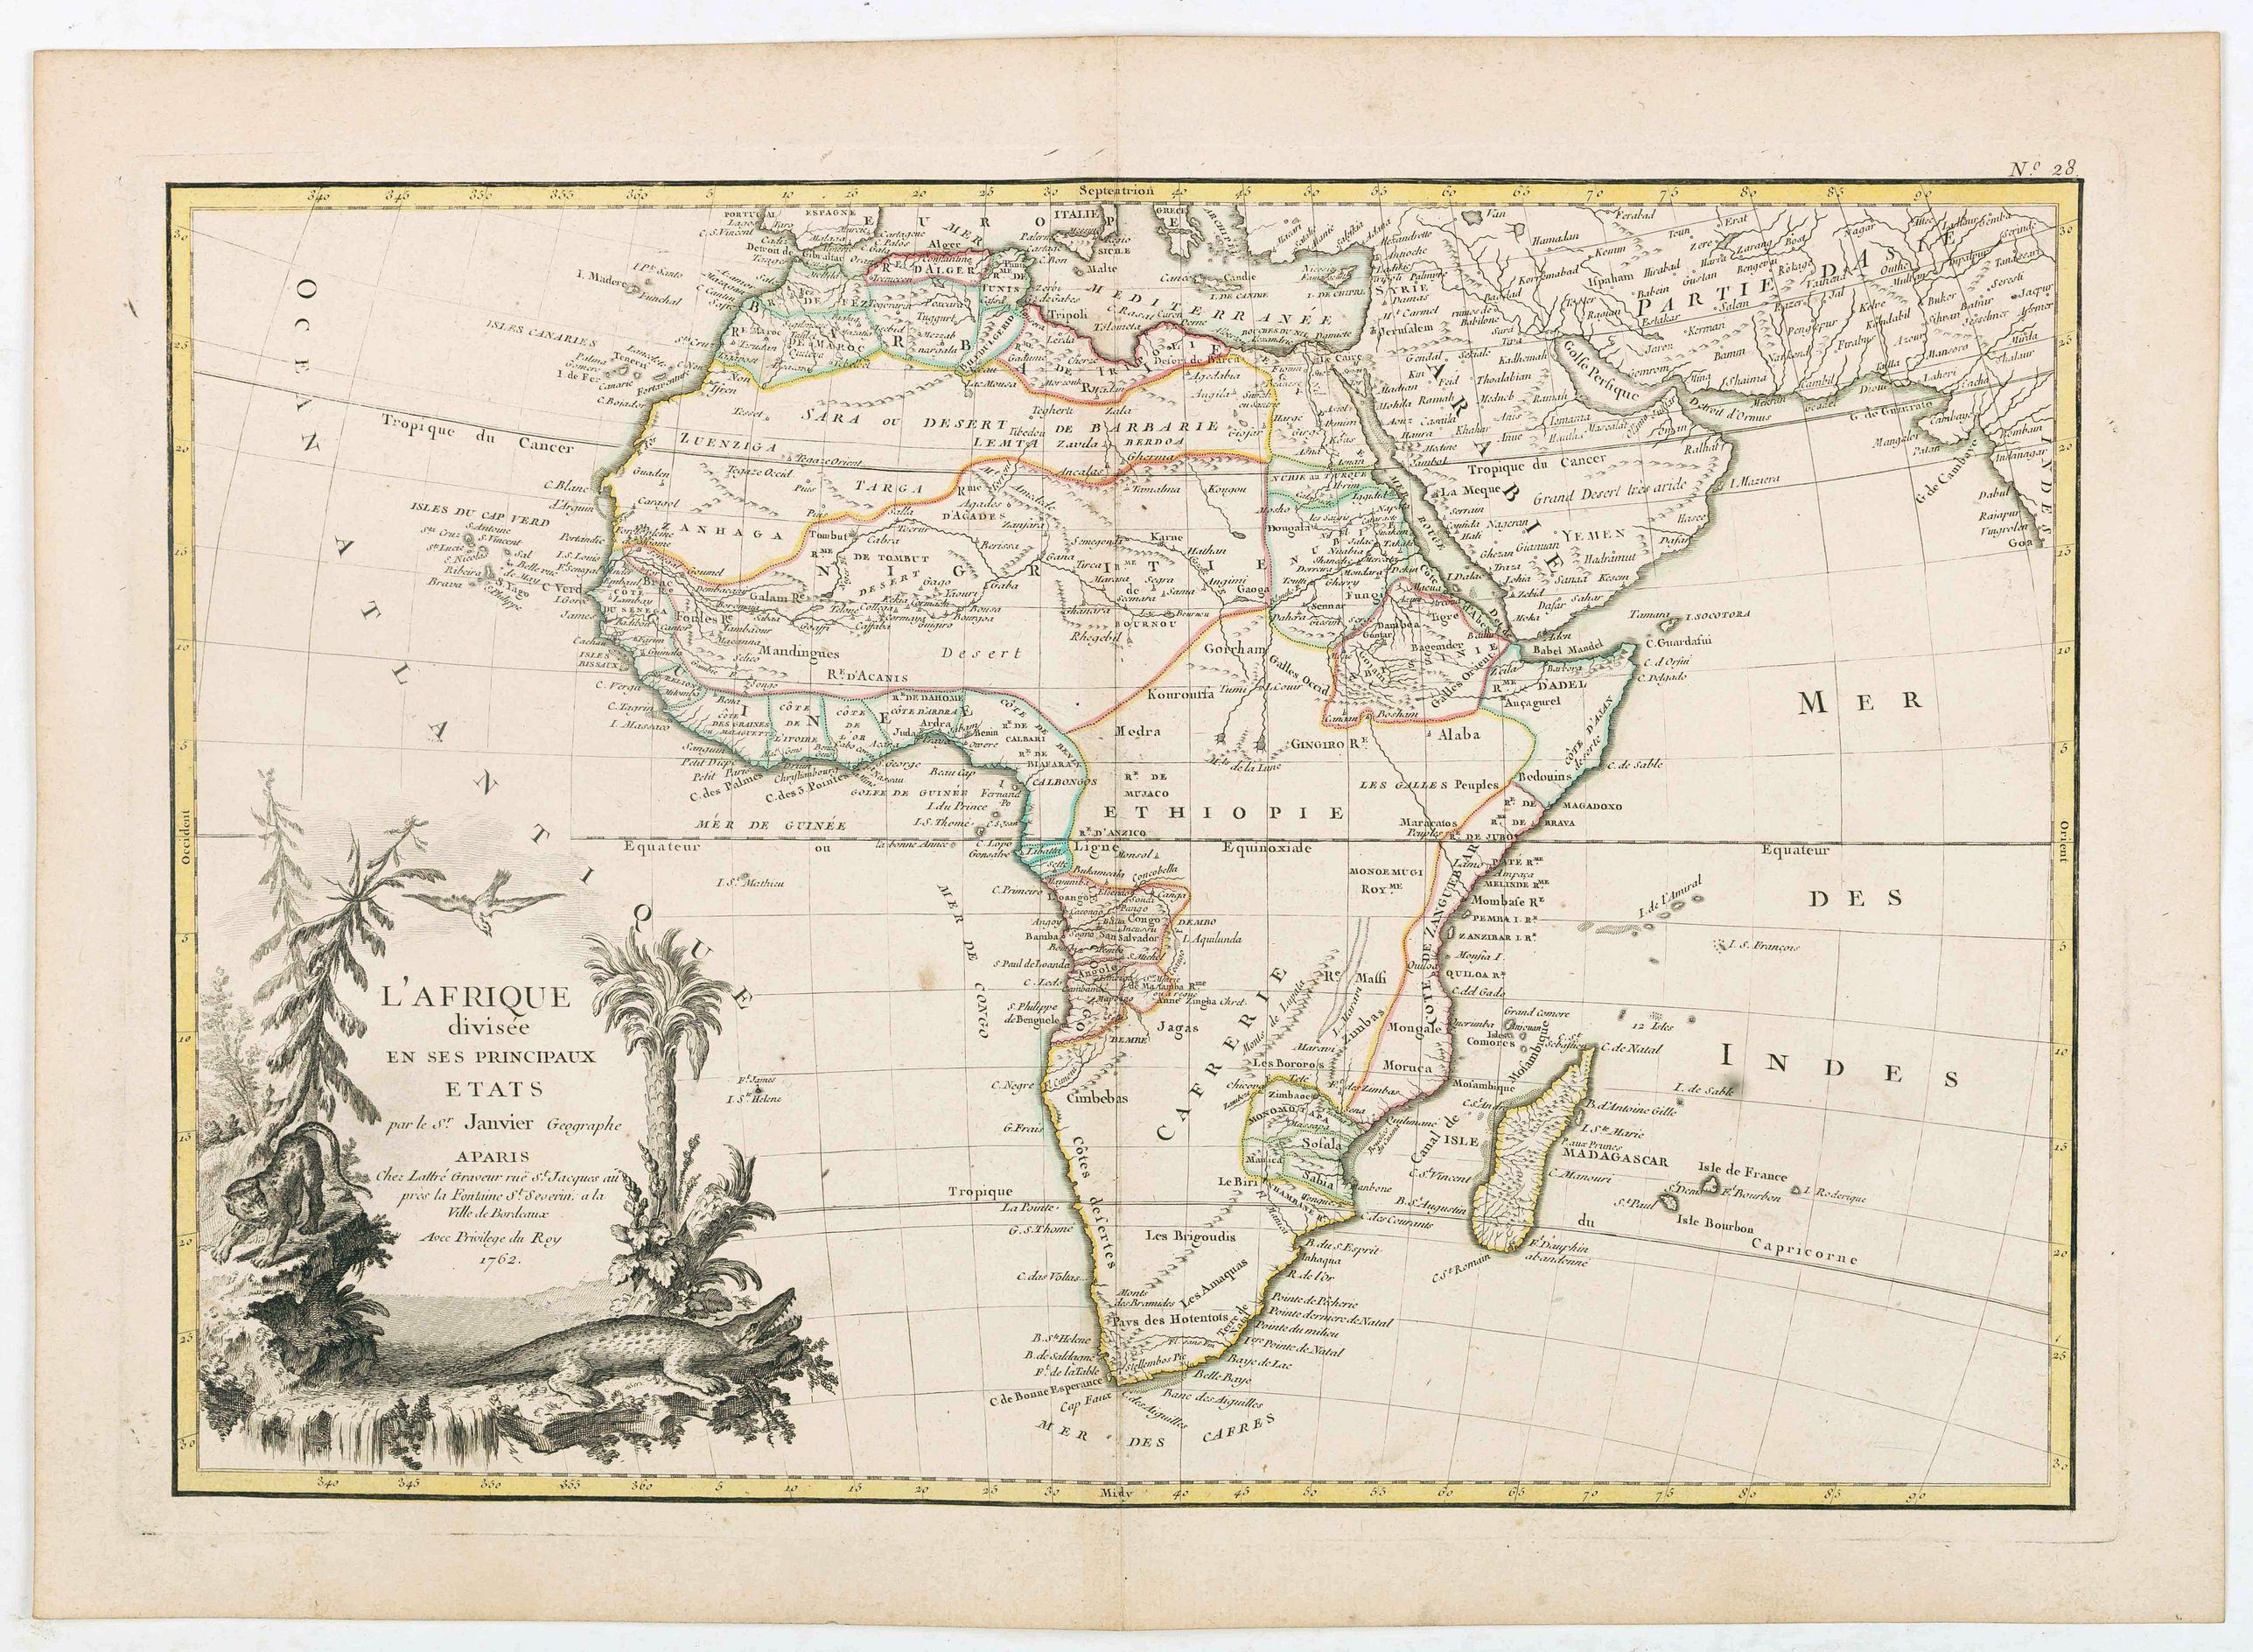 LATTRÉ / JANVIER,Sr. - L'Afrique divisée en ses principaux Etats. . .